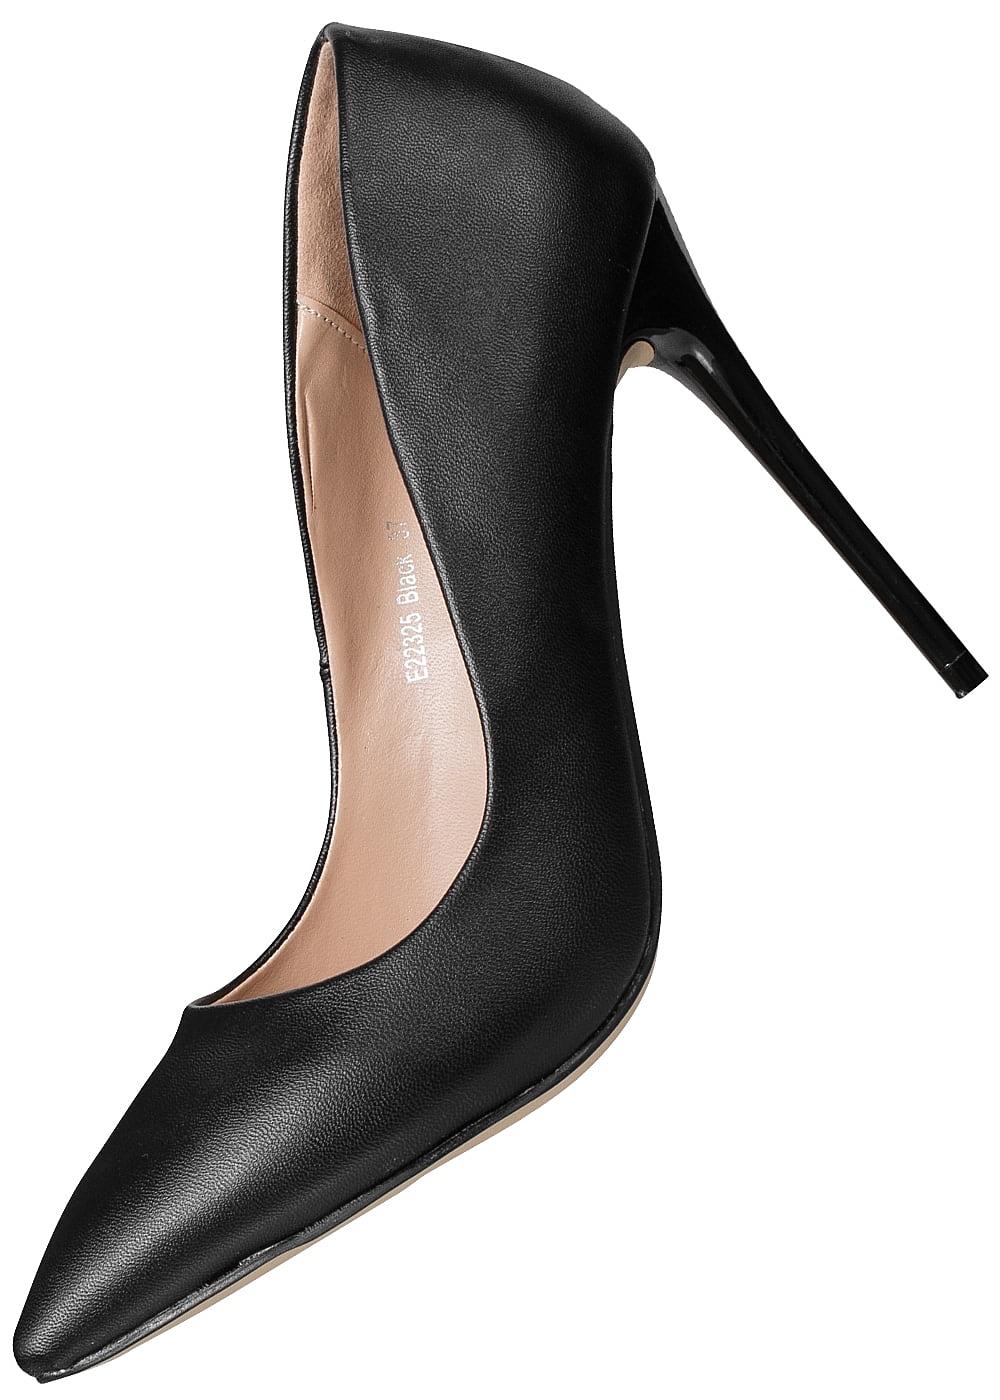 Damen Lifestyle Schuh Absatz Schwarz Seventyseven 11cm Pumps fRwHFSEWEq